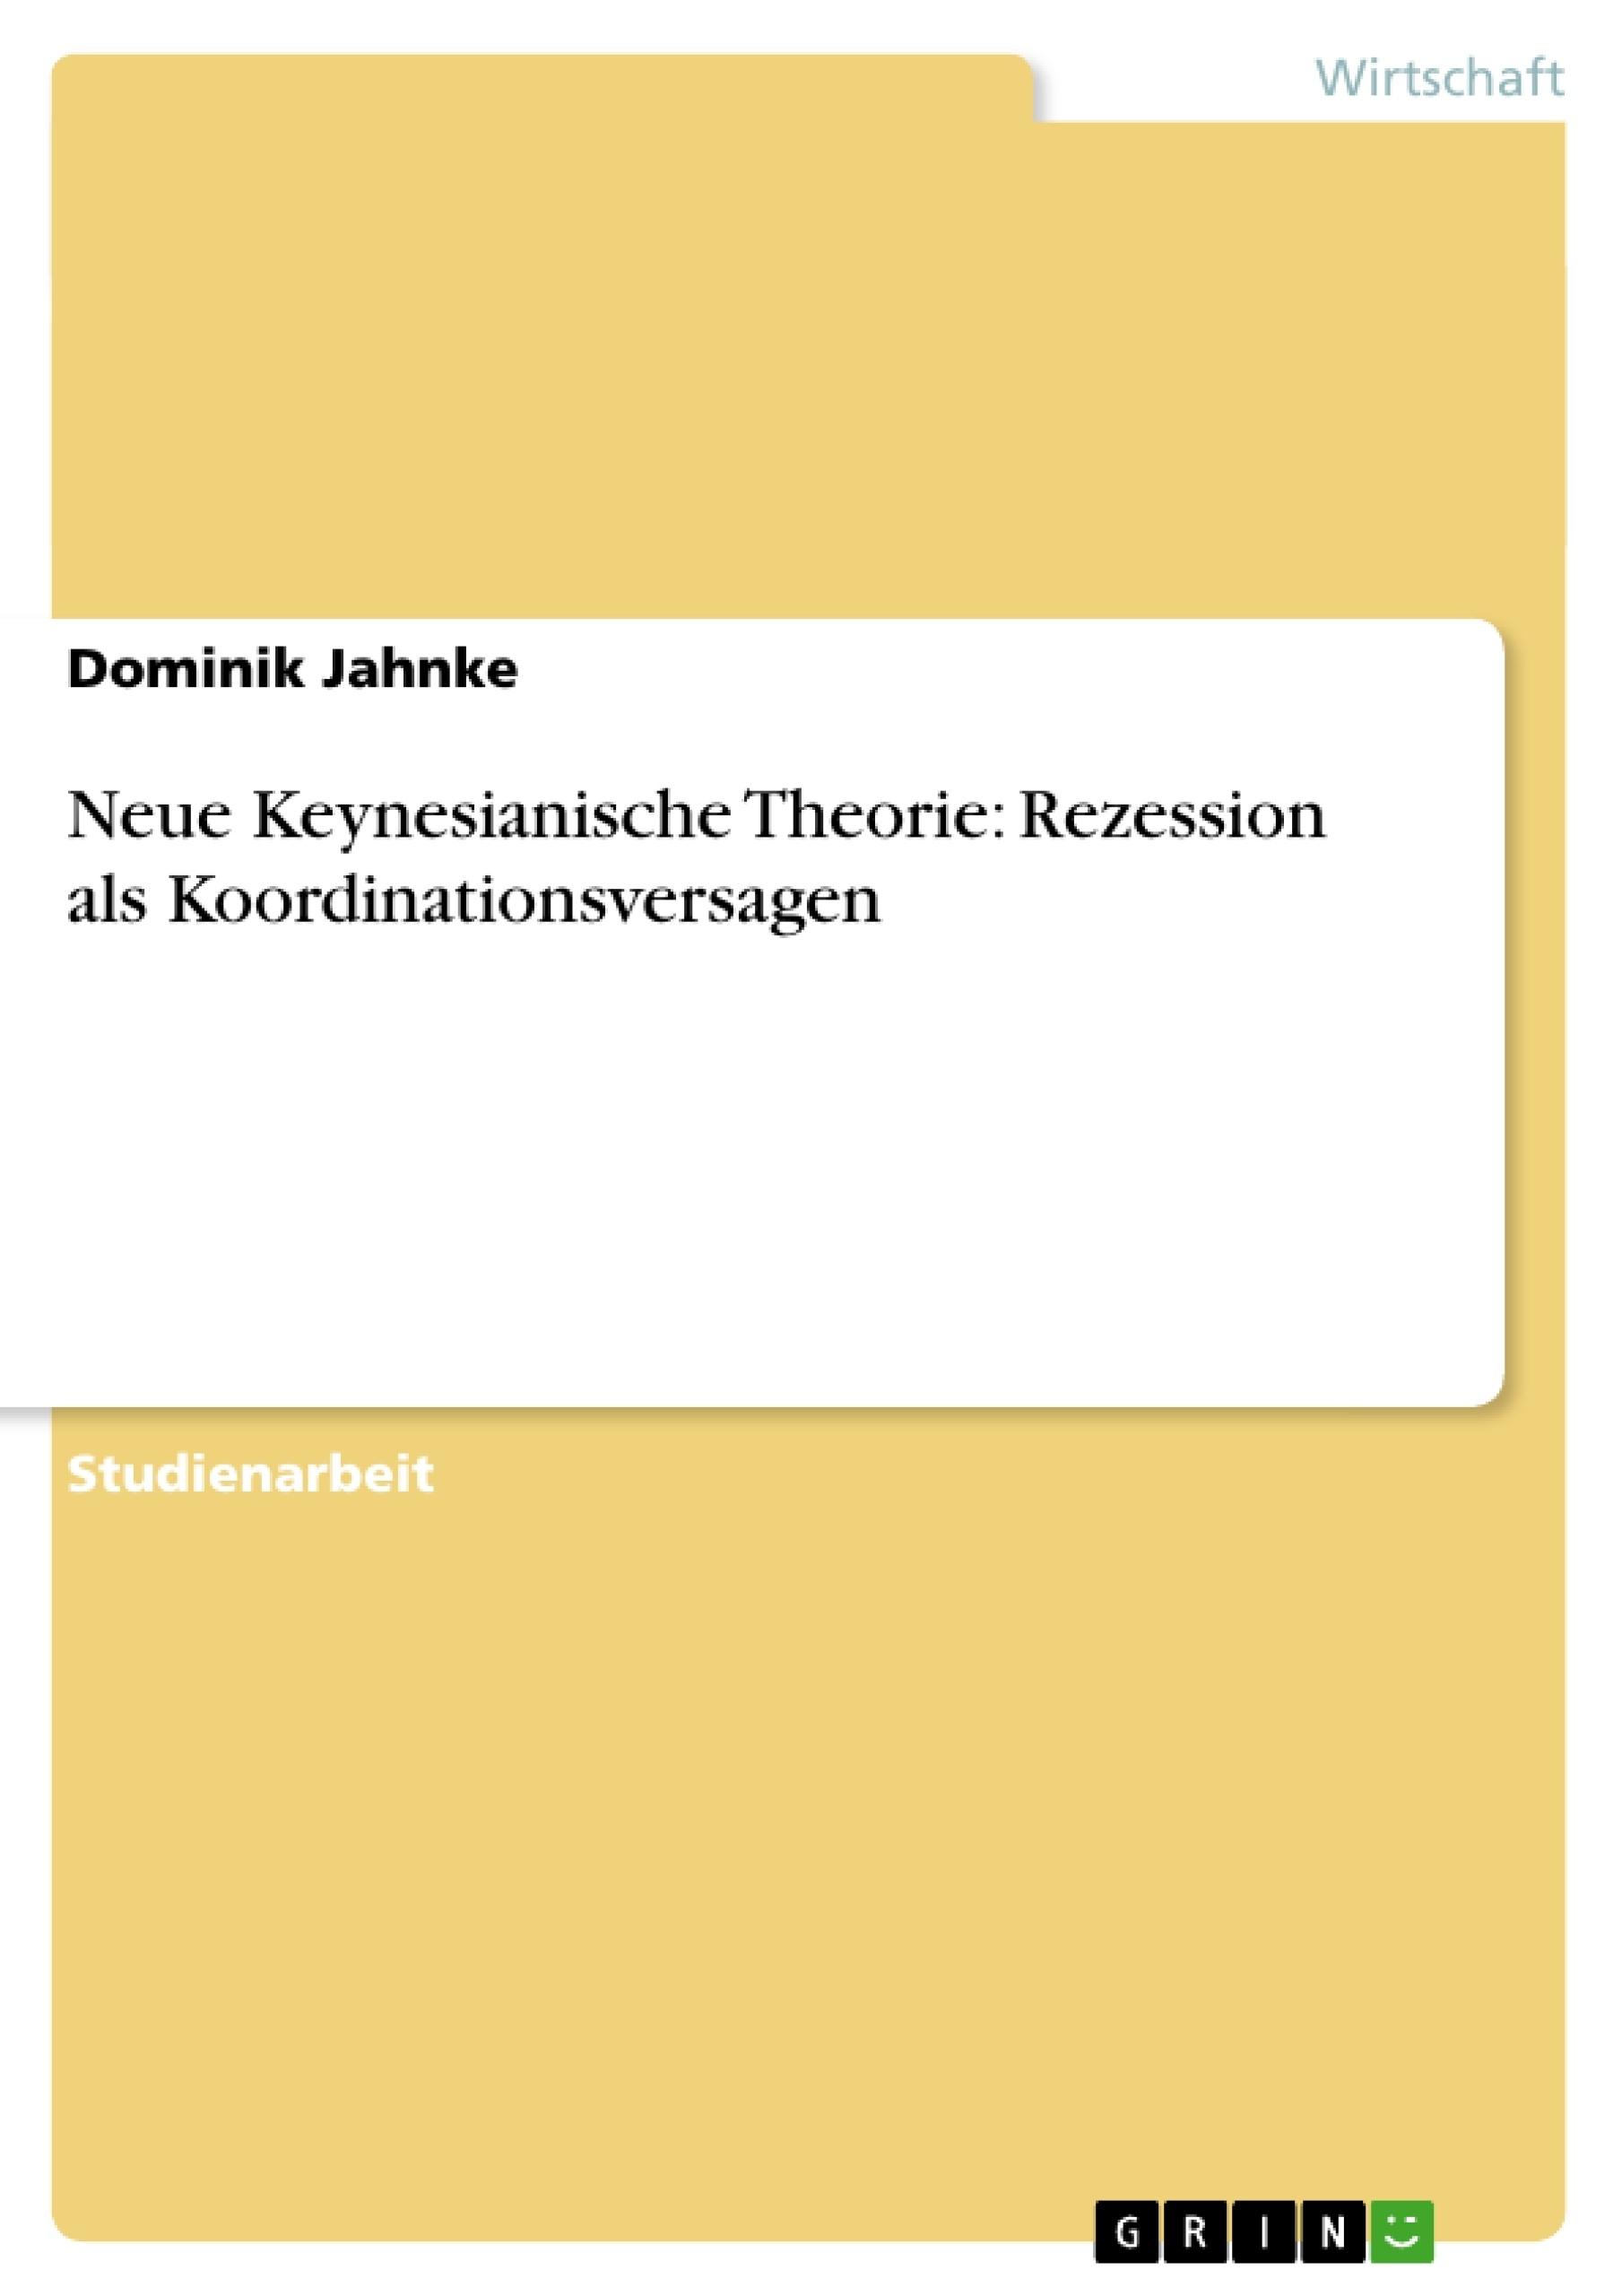 Titel: Neue Keynesianische Theorie: Rezession als Koordinationsversagen